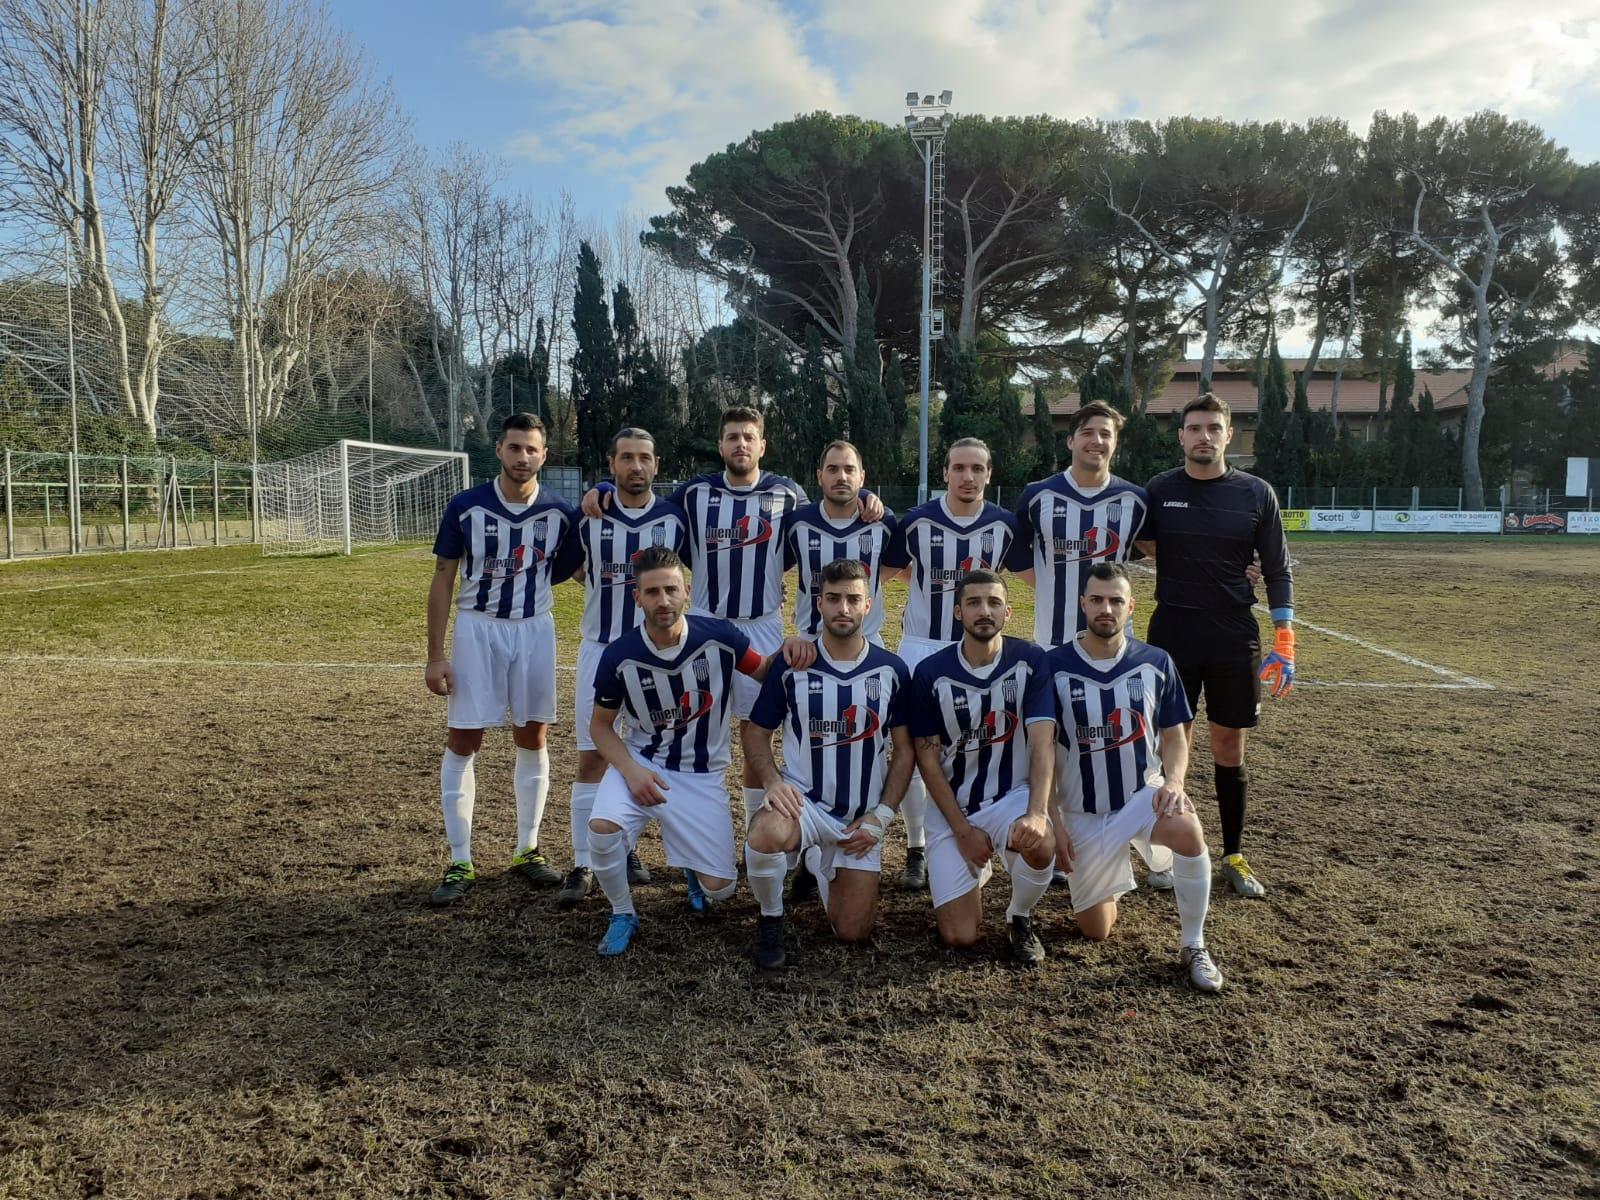 Terza Categoria, New Rosignano Solvay gioco, partita (6-0) e accesso in finale di Coppa